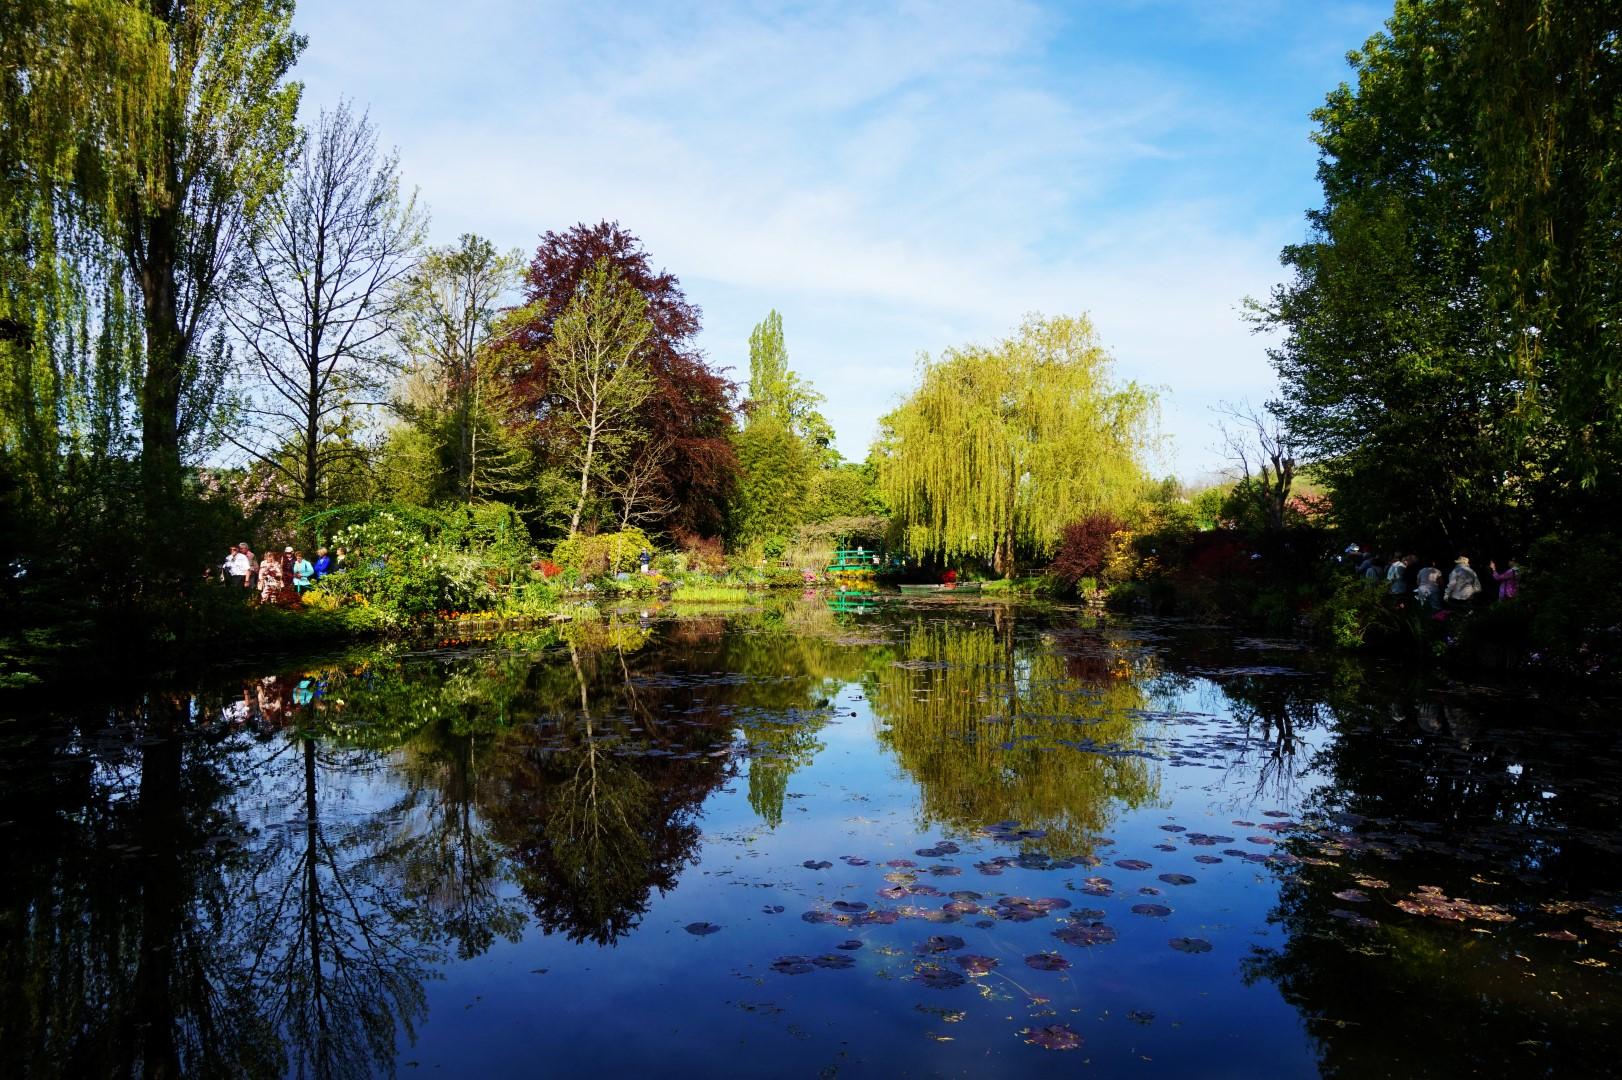 Morceaux de Paris #7 - Le Jardin d'Eau de Monet